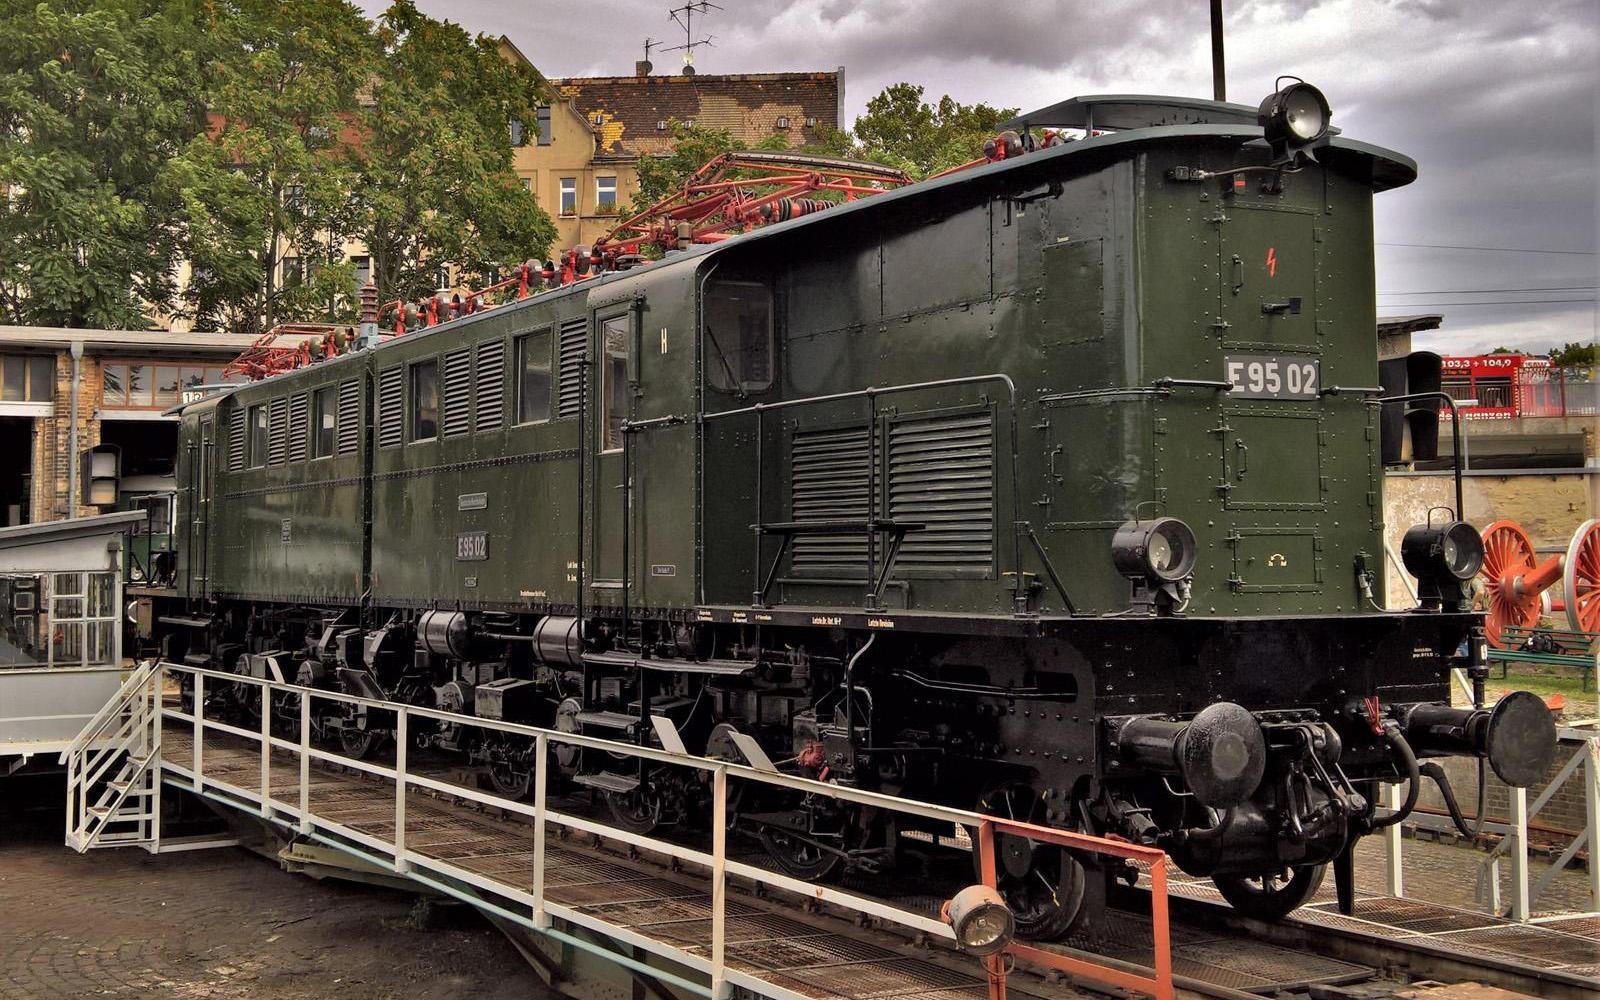 ©Foto: Christian Wodzinski   railmen   Güterzuglokomotive E95 02   BJ 1927   Auf der Drehscheibe vom DB Museum Halle